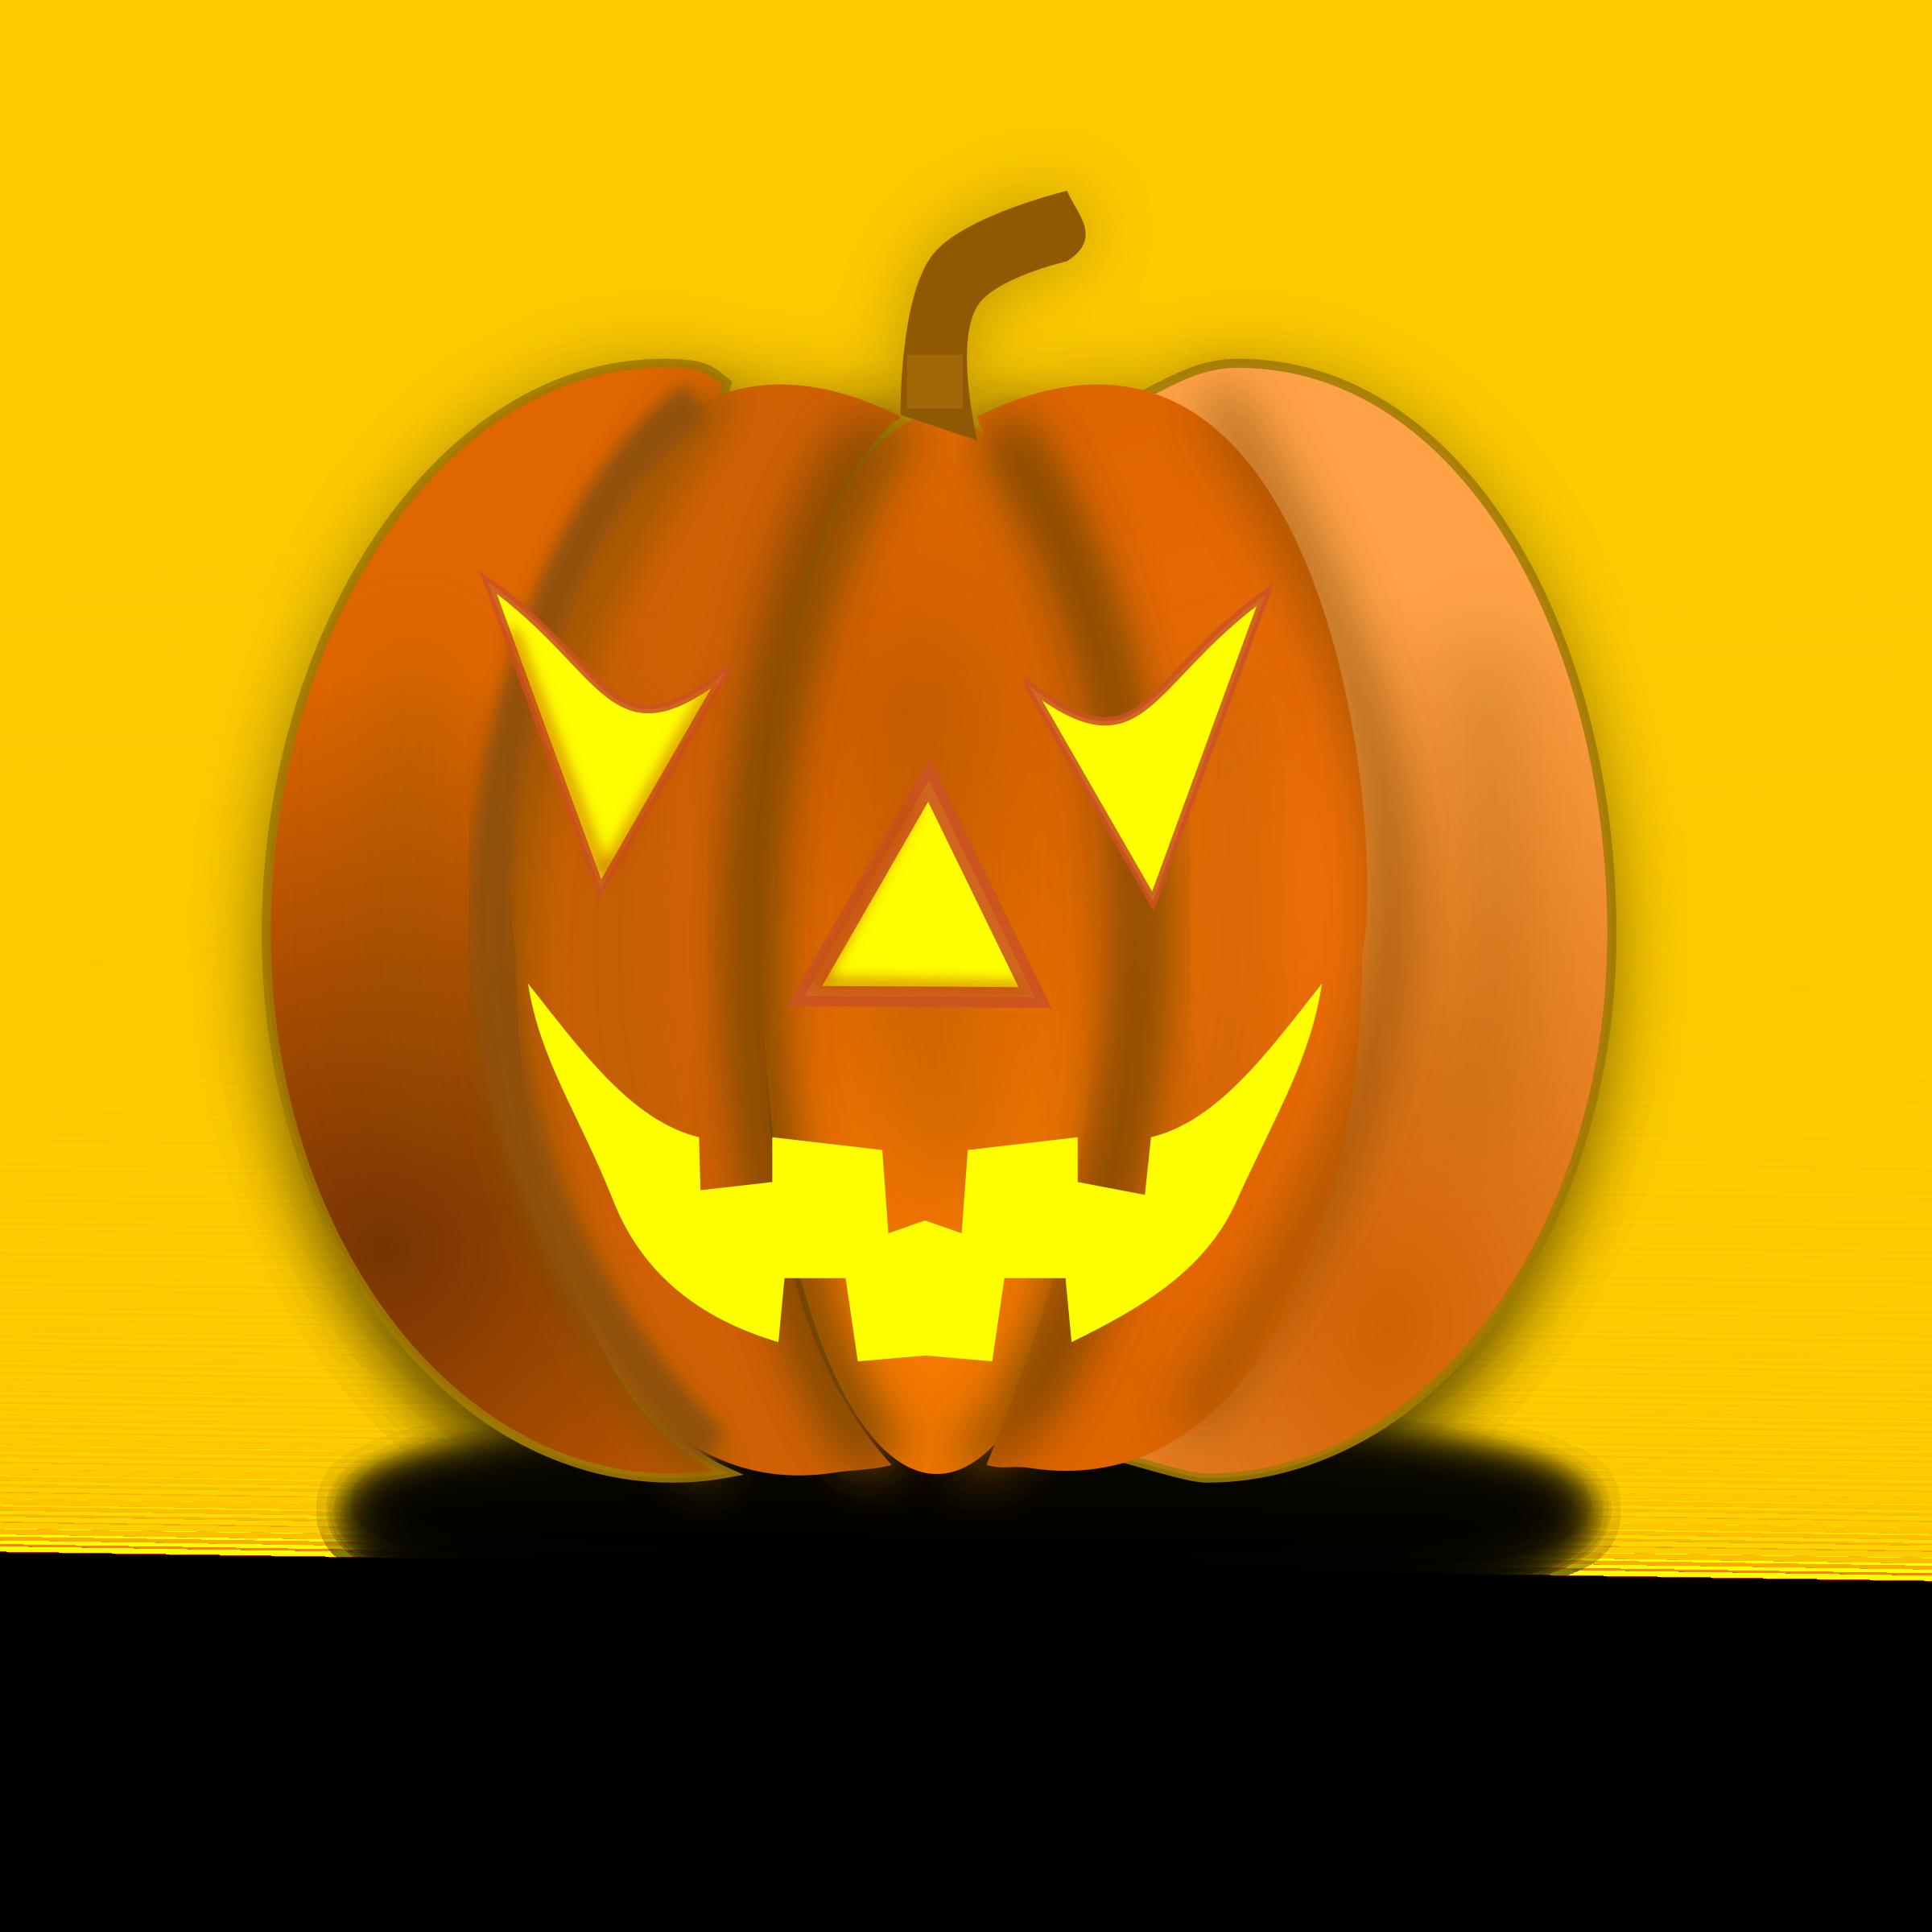 October carved pumpkin